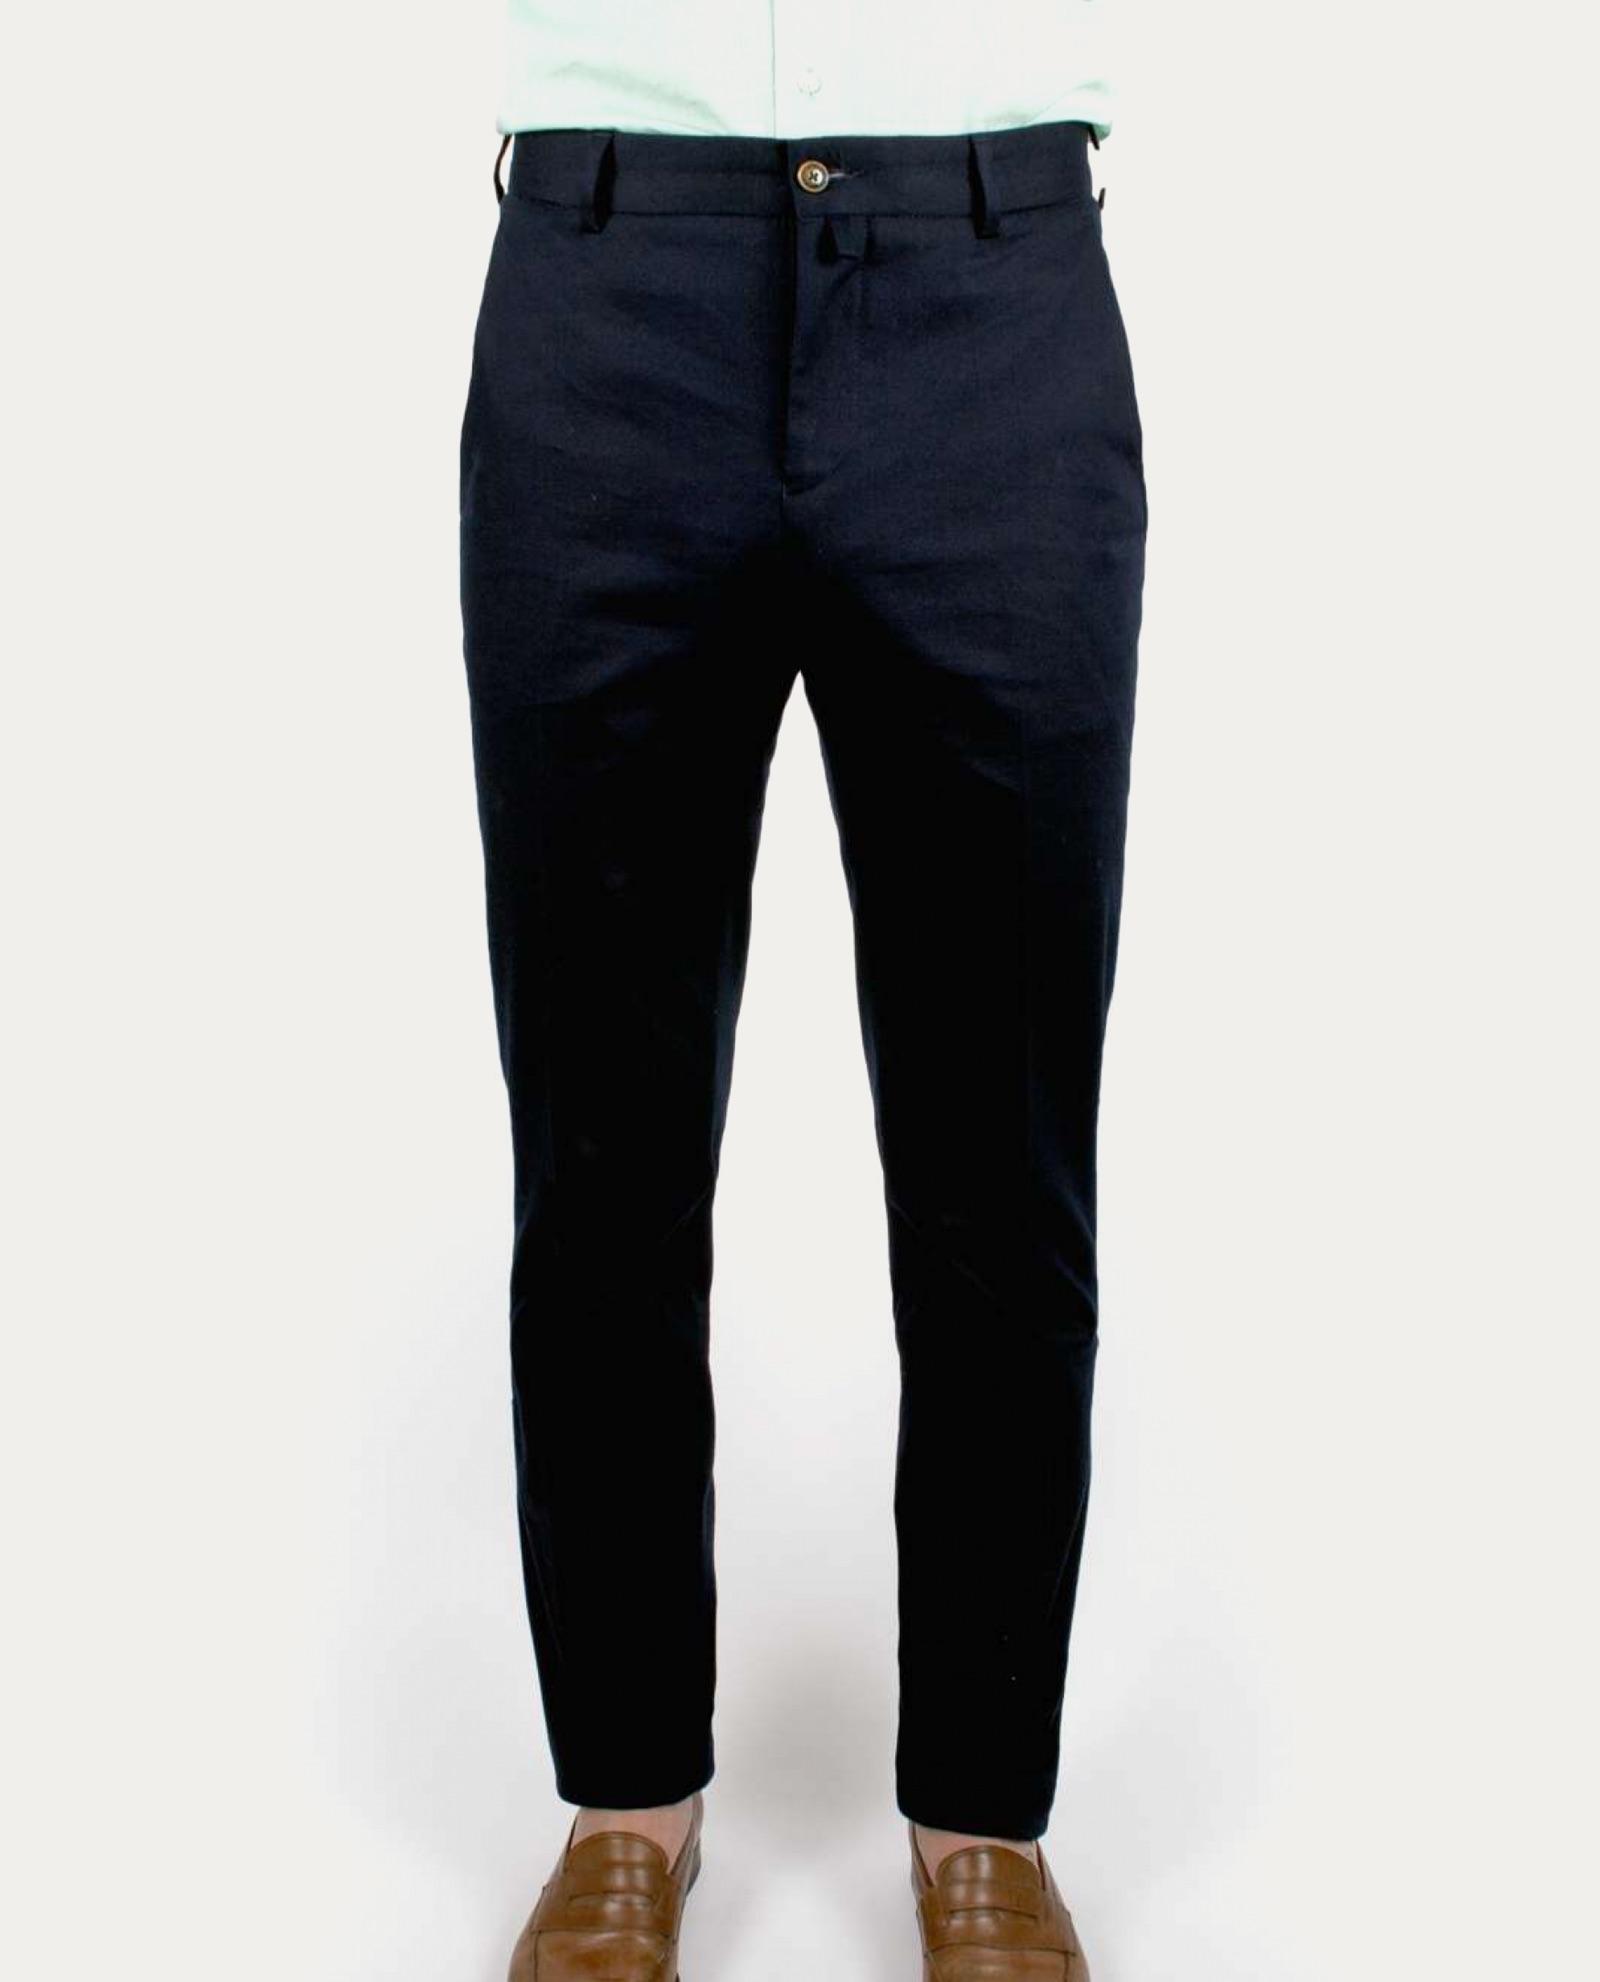 cavalier bleu pantalon chino concept store barbier coiffeur pour l 39 homme tonsor cie. Black Bedroom Furniture Sets. Home Design Ideas